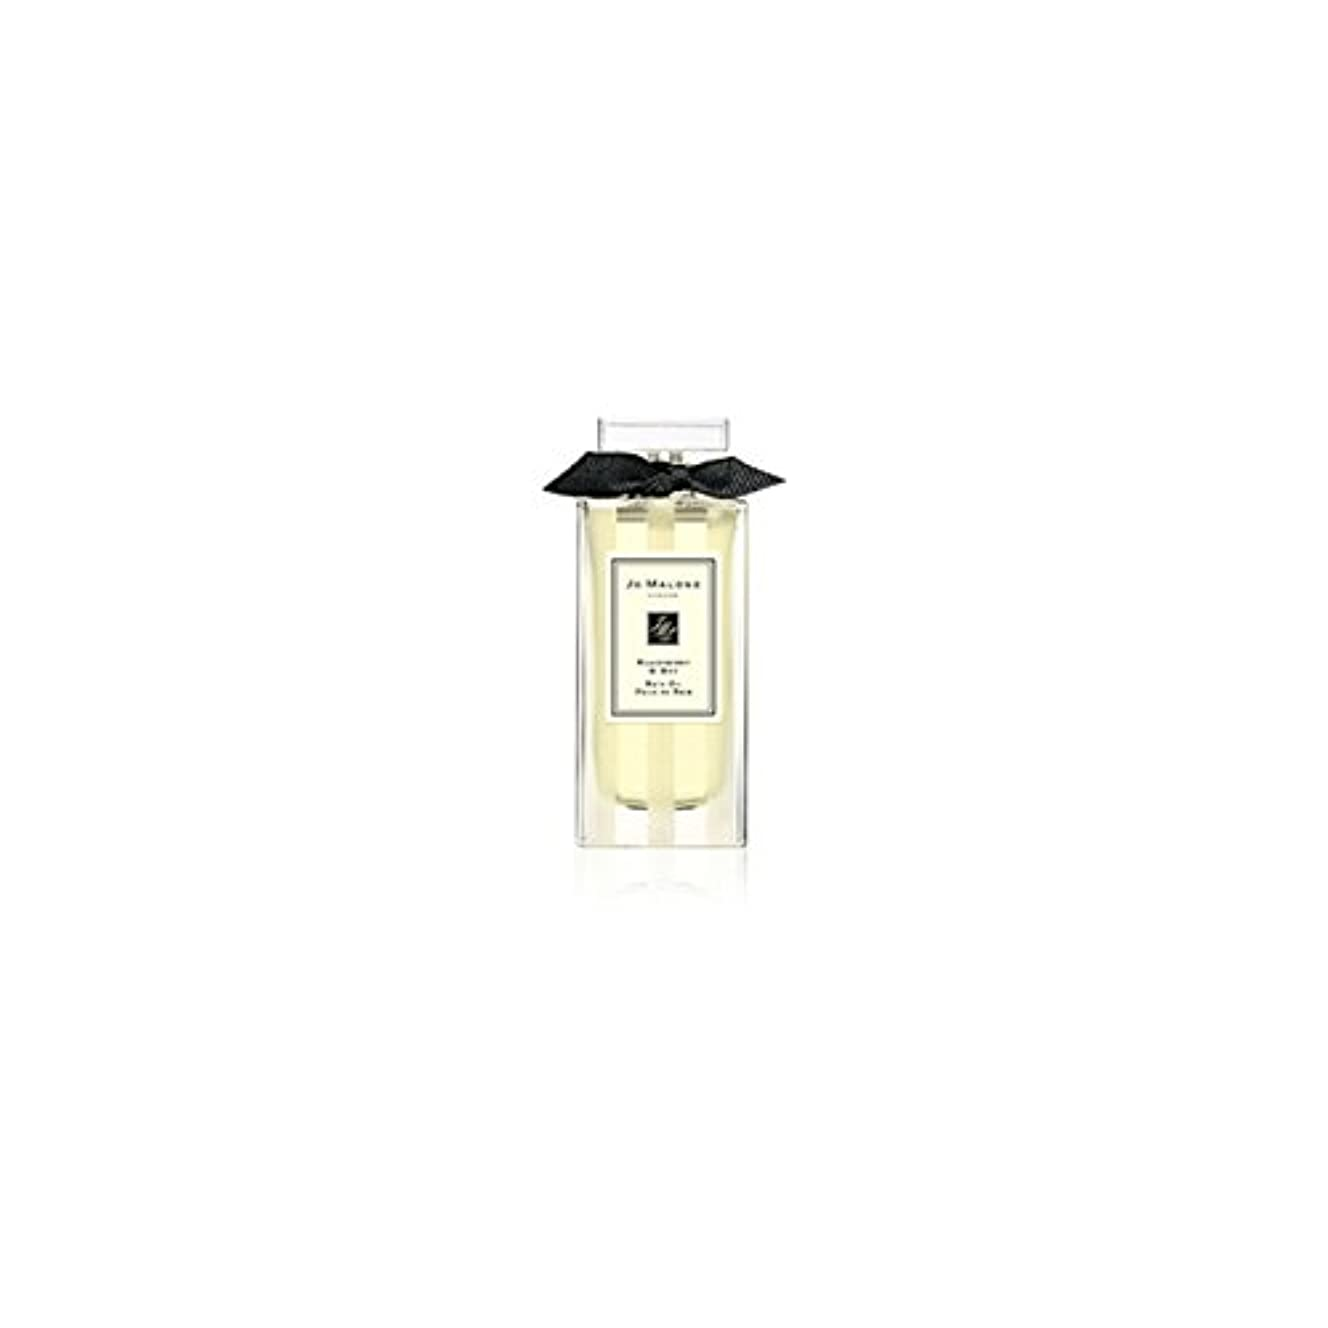 民族主義ミス無意識Jo Malone Blackberry & Bay Bath Oil - 30ml (Pack of 6) - ジョーマローンブラックベリー&ベイバスオイル - 30ミリリットル (x6) [並行輸入品]